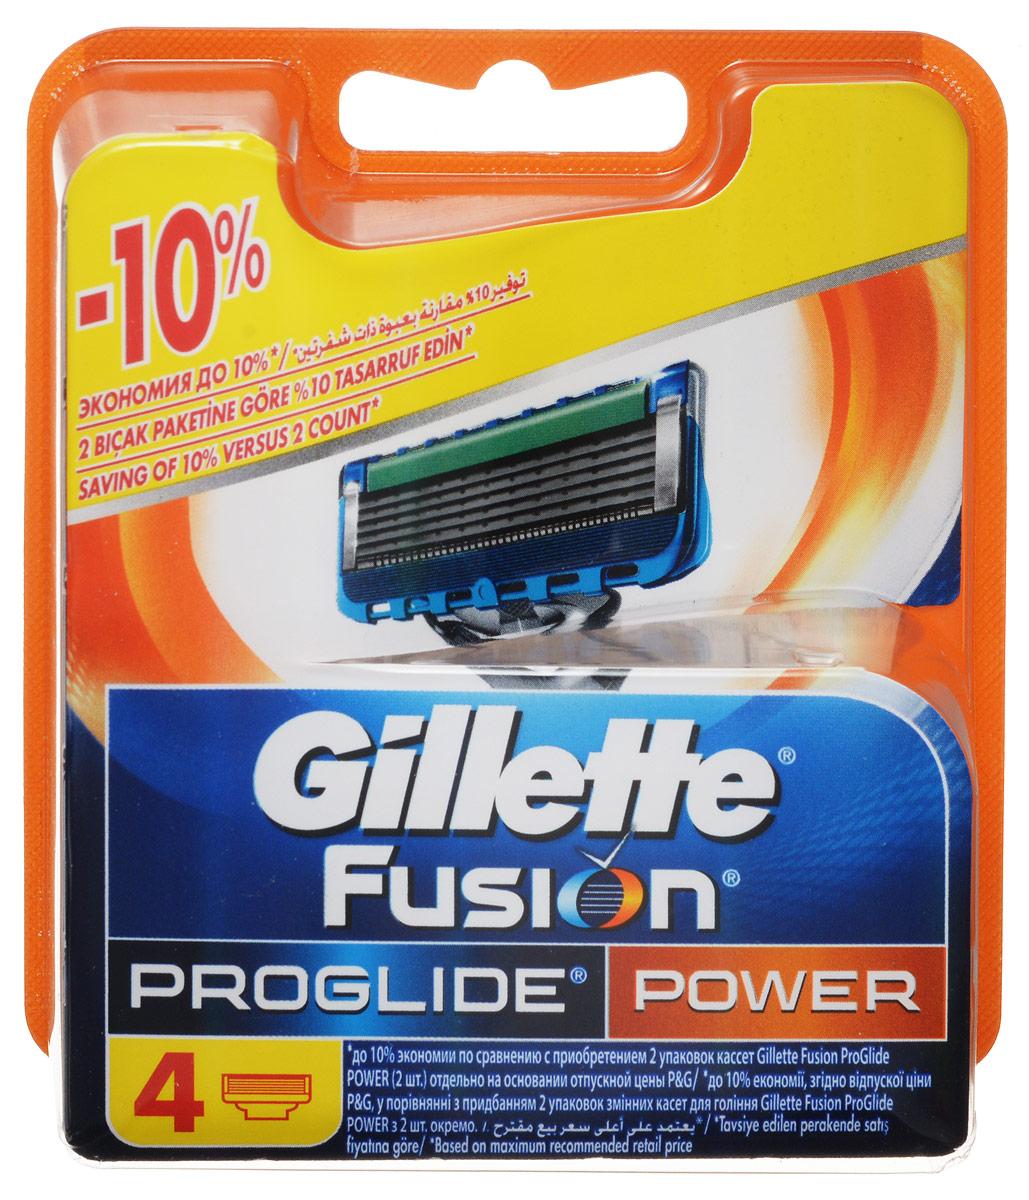 Gillette Сменные кассеты для бритья Fusion ProGlide Power, 4 шт1301210Gillette - лучше для мужчины нет!Gillette Fusion ProGlide Power – это самая инновационная бритва от Gillette, которая обеспечивает действительно революционное скольжение и гладкость бритья.Новая бритва оснащена самыми тонкими лезвиями от Gillette со специальным покрытием, снижающим сопротивление. Для революционного скольжения и невероятной гладкости бритья, даже по сравнению с Fusion.Невооруженным глазом вы можете не заметить все последние инновации в НОВЫХ бритвах Gillette Fusion ProGlide и Gillette Fusion ProGlide Power, но после первого раза вы почувствуете, что бритье превратилось в скольжение.- При покупке упаковки сменных кассет ProGlide или ProGlide Power из 4 шт. вы экономите до 10% по сравнению с покупкой двух упаковок из 2 шт. (на основании отпускной цены Procter&Gamble).- Самые тонкие лезвия от Gillette для революционного скольжения и гладкости бритья (первые лезвия в кассетах Fusion ProGlide тоньше, чем лезвия Fusion).- Расширенная увлажняющая полоска с минеральными маслами и полимерами обеспечивает лучшее скольжение.- Каналы для удаления излишков геля гарантируют максимально комфортное бритье.- Улучшенное лезвие-триммер оптимизирует бритье на сложных участках: виски, область под носом, шея.- Стабилизатор лезвий поддерживает оптимальное расстояние между лезвиями во время бритья.- Микрорасческа направляет волоски к лезвию для более гладкого бритья.Товар сертифицирован.